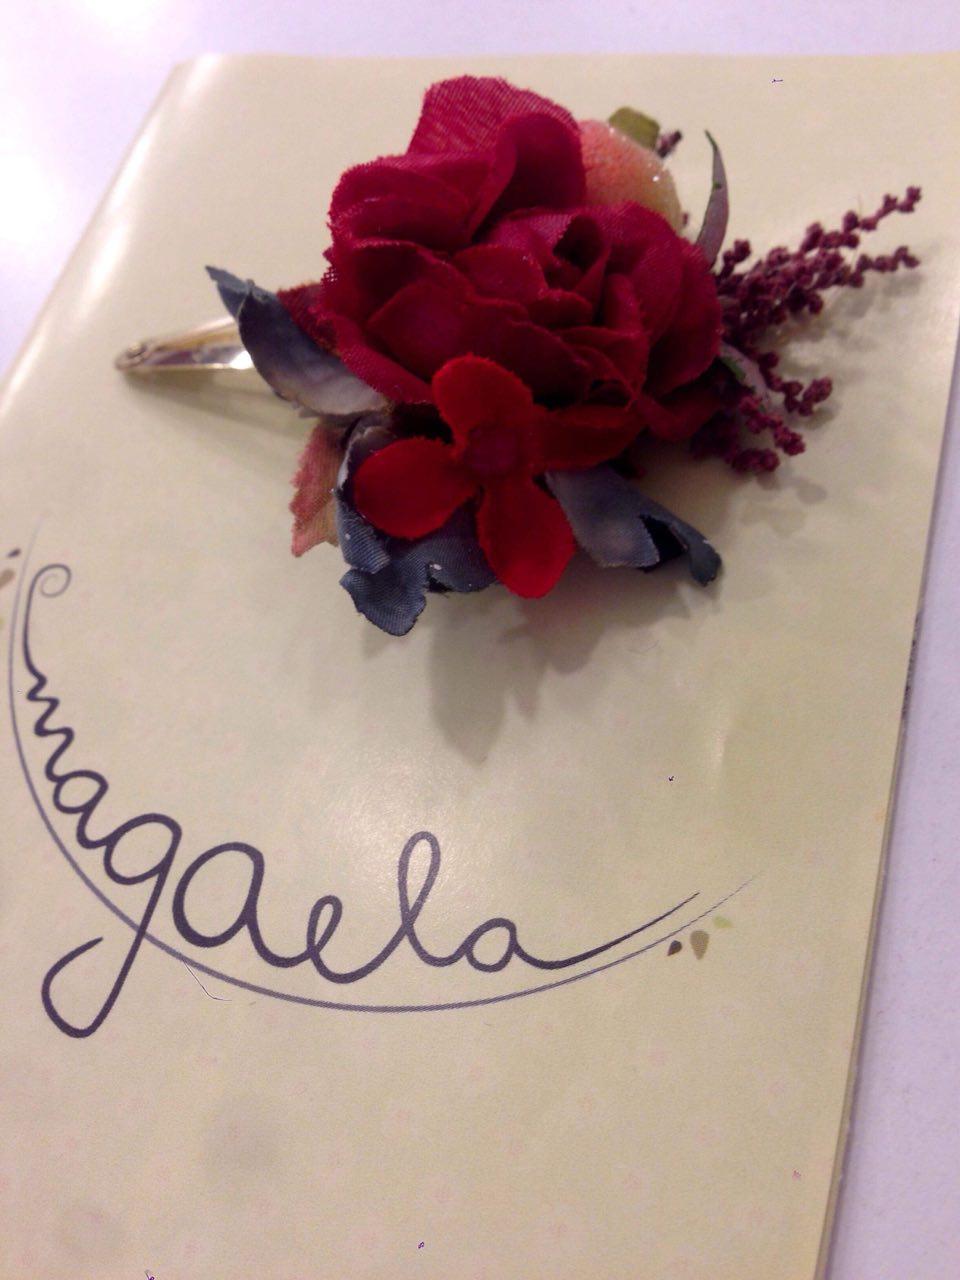 Magaela kvetinová pukačka  9 – Hudry Hudry 9dd1712fb8